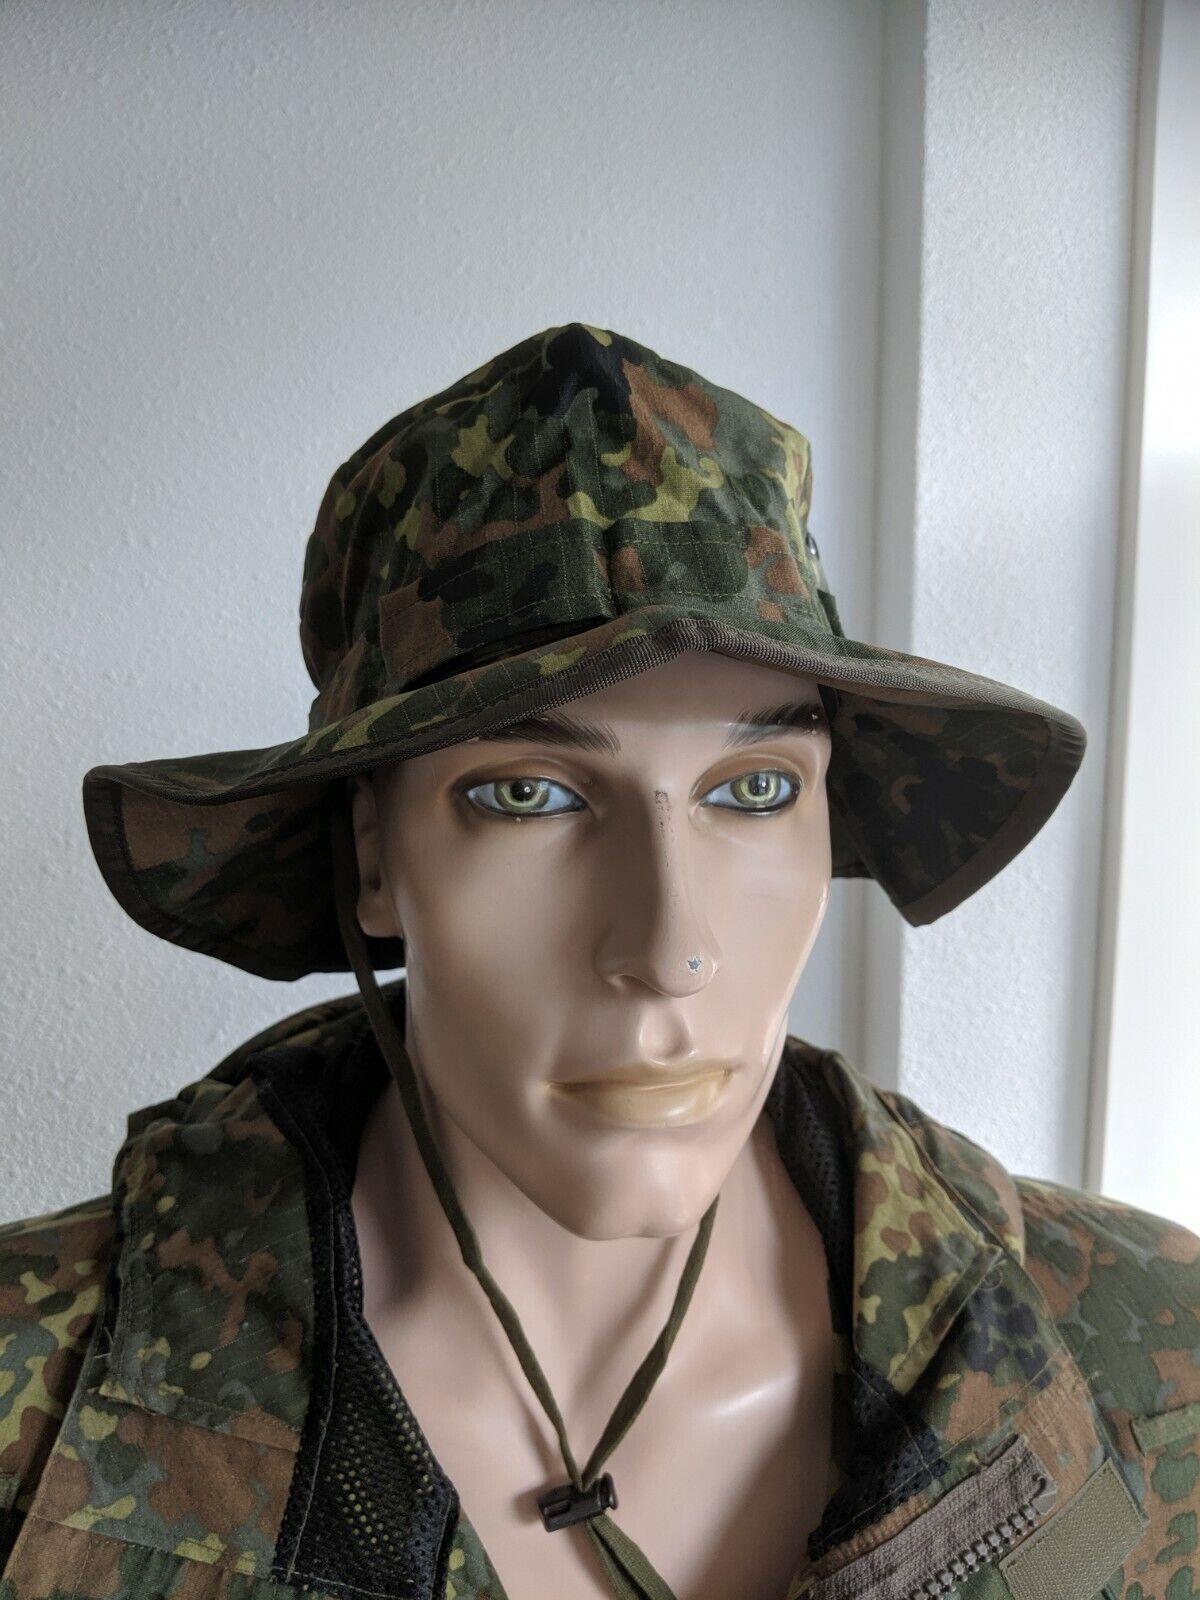 Sabre® Dschungelhut 5farb Flecktarn / Wüstentarn, Bundeswehr, Tropenhut, Boonie